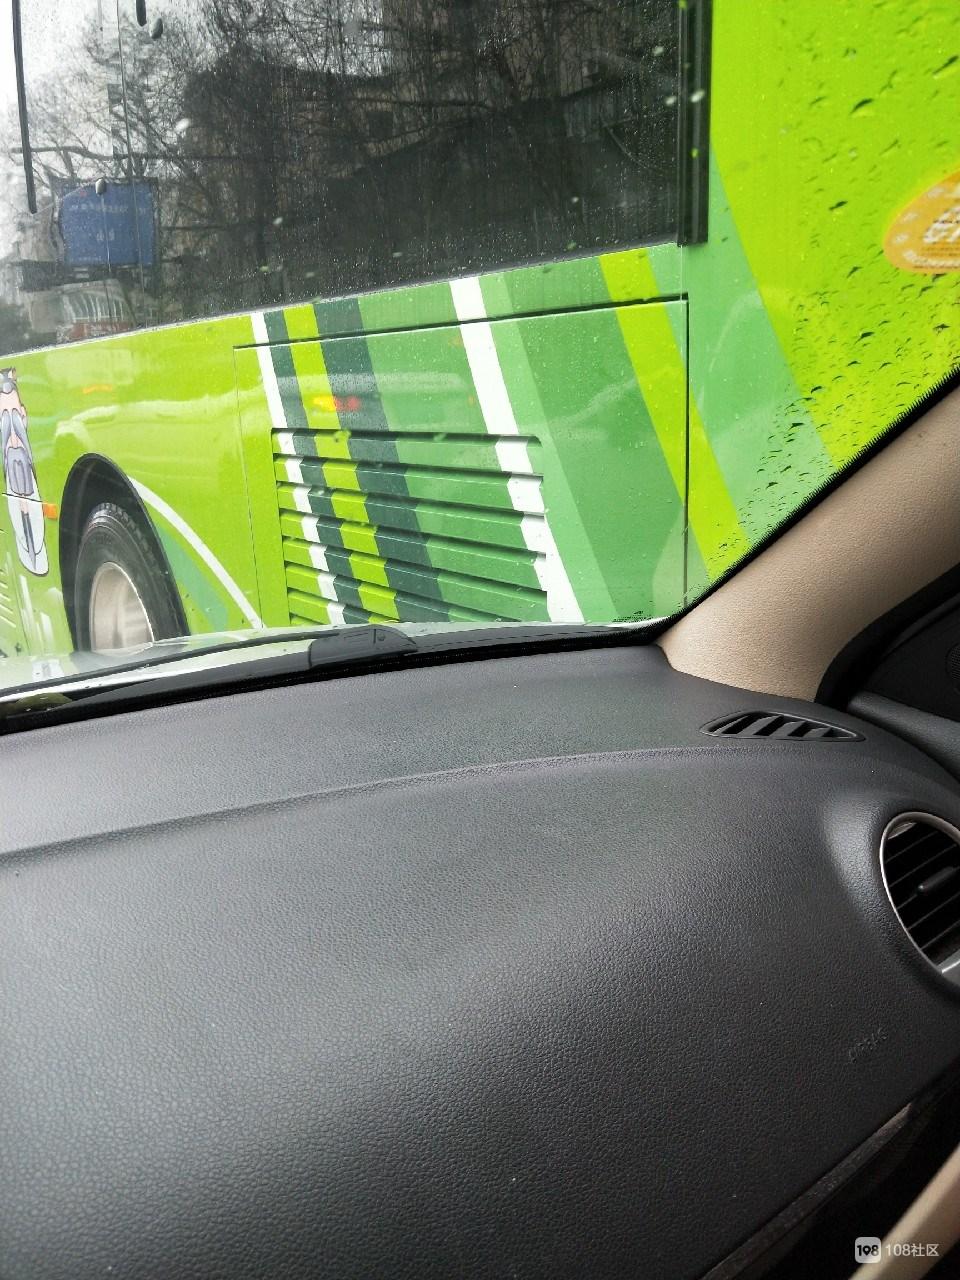 衢州有礼,礼在那里?公交车强行变道!